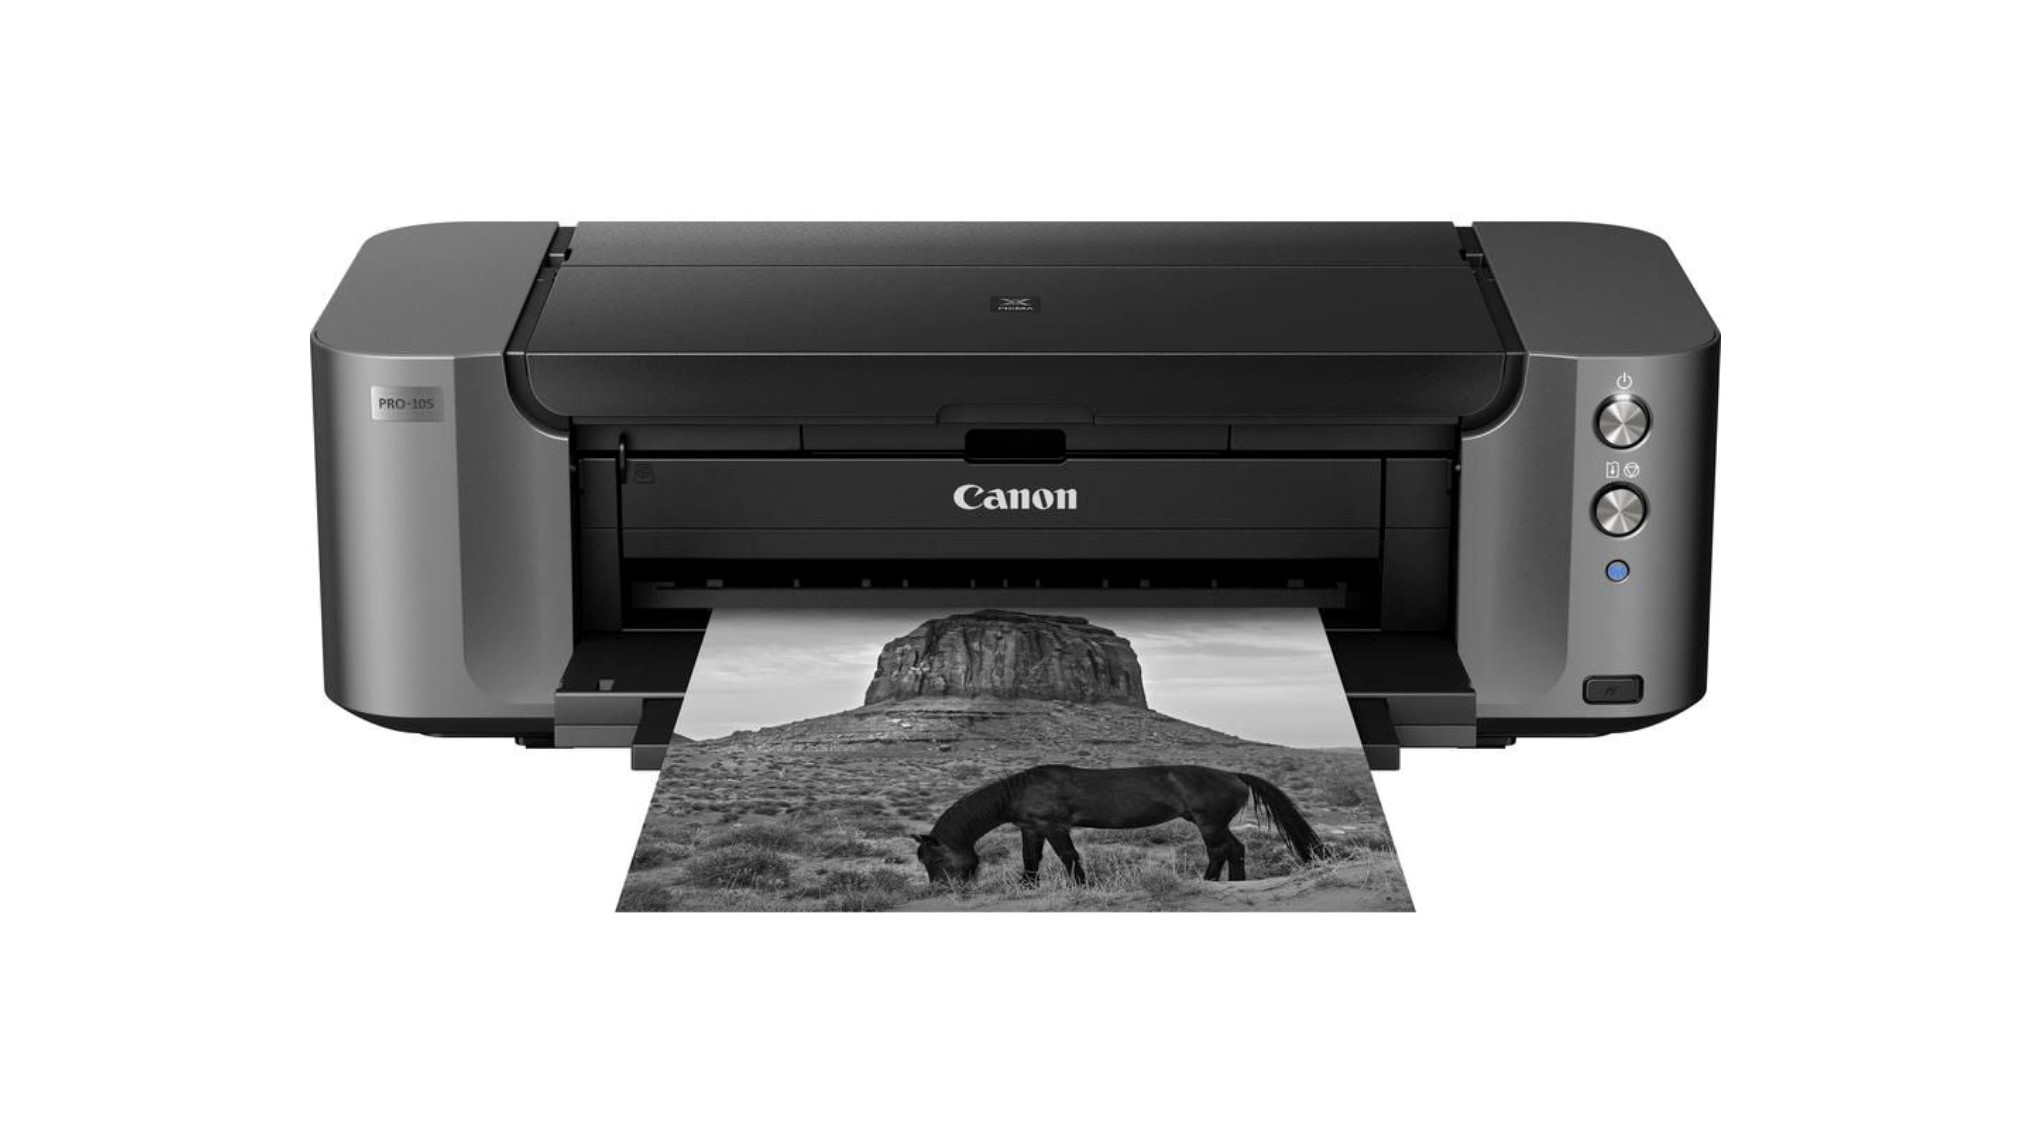 Canon Pixma Pro 10-S